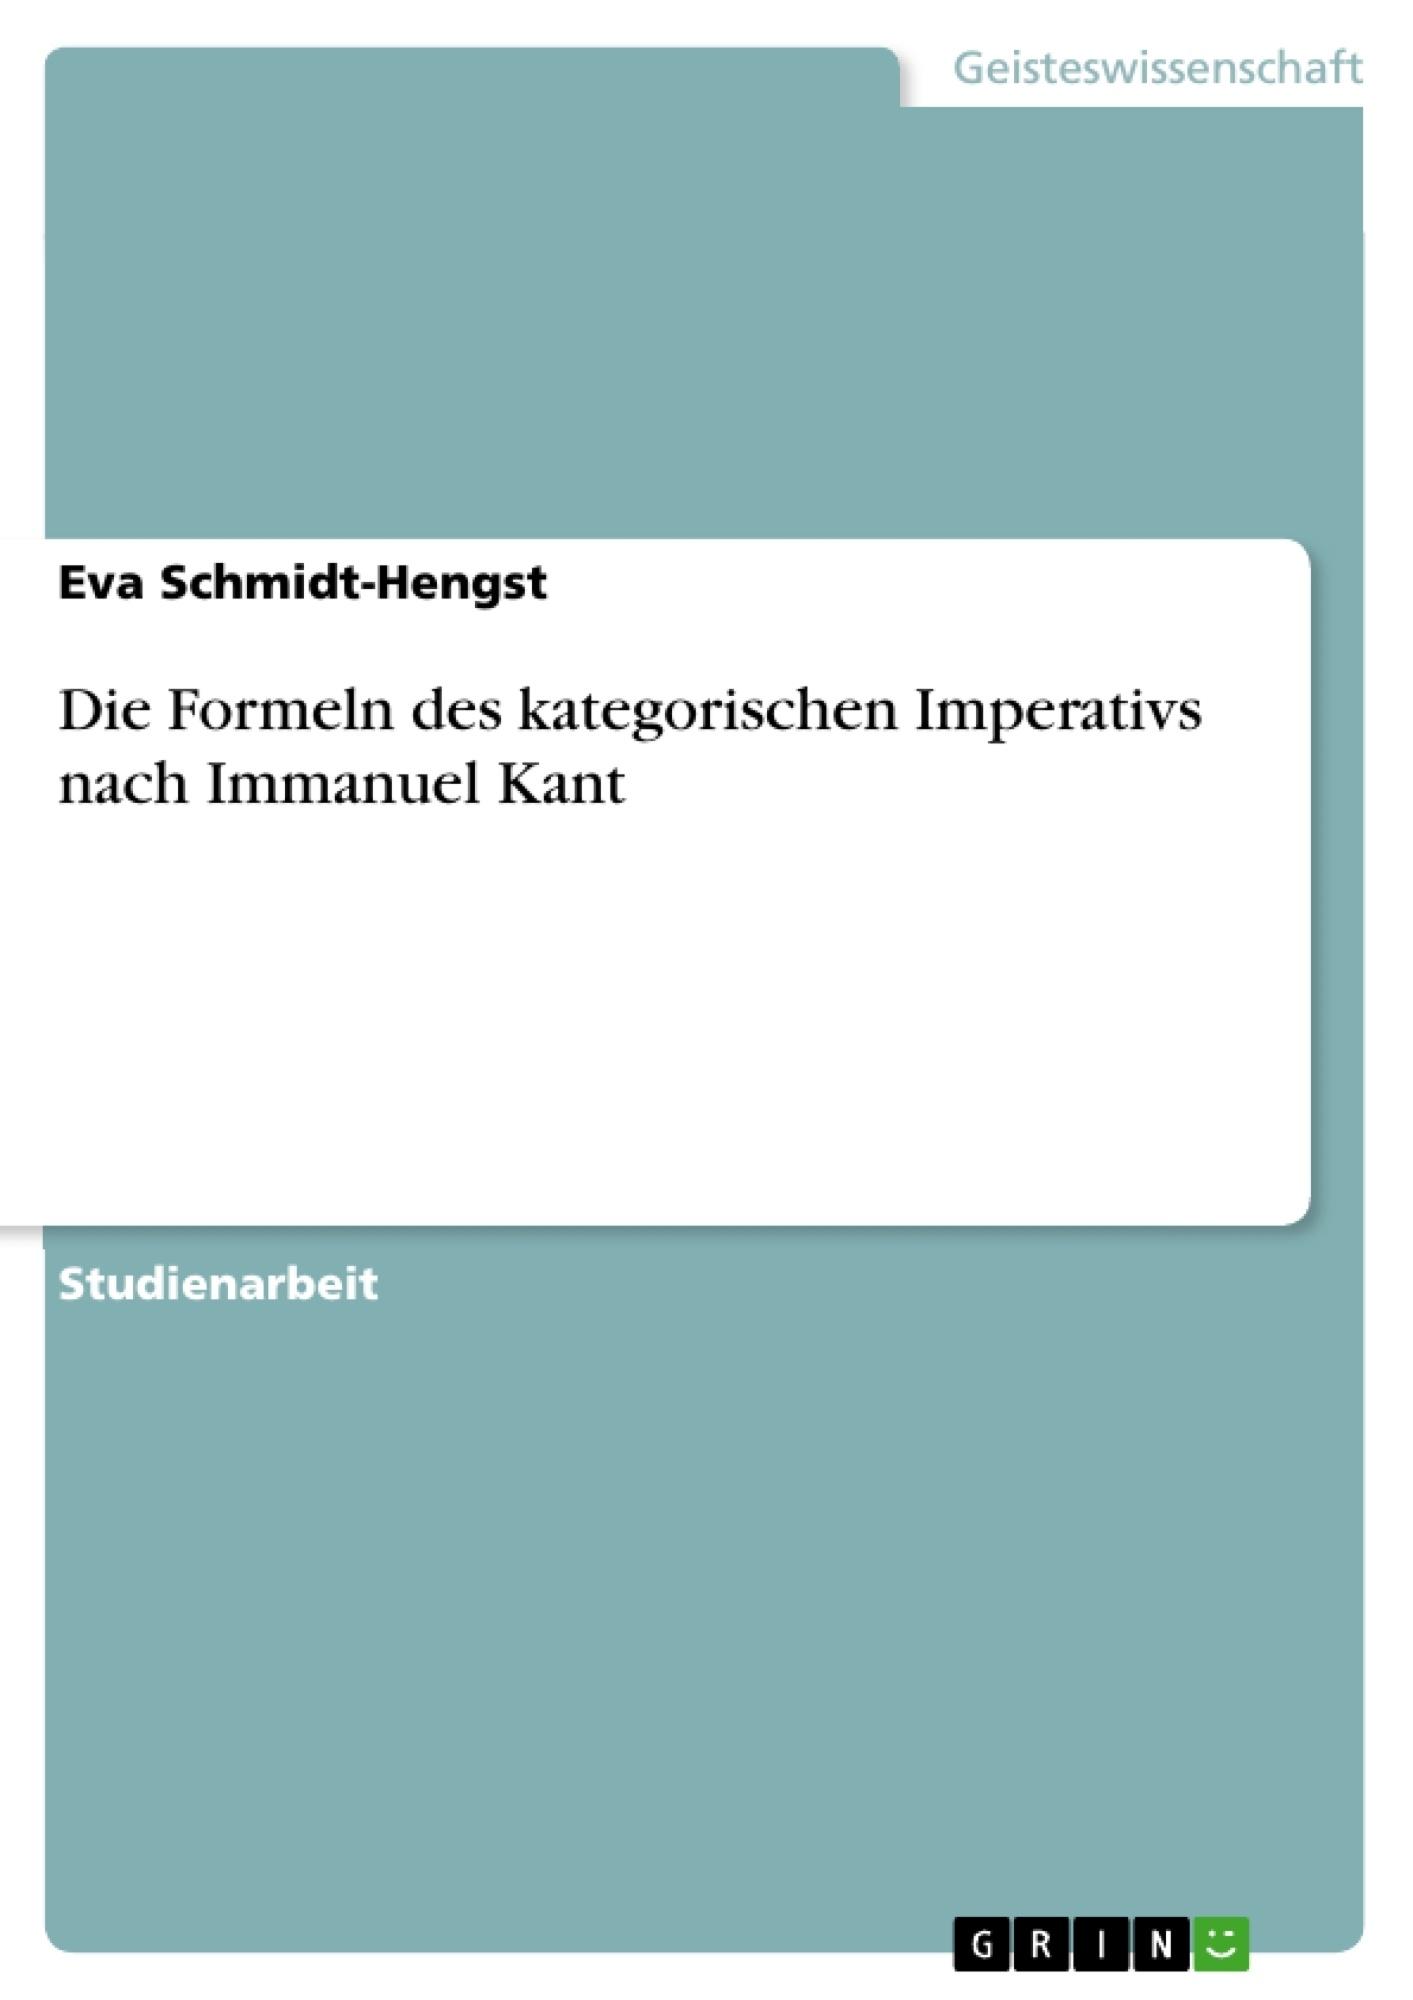 Titel: Die Formeln des kategorischen Imperativs nach Immanuel Kant